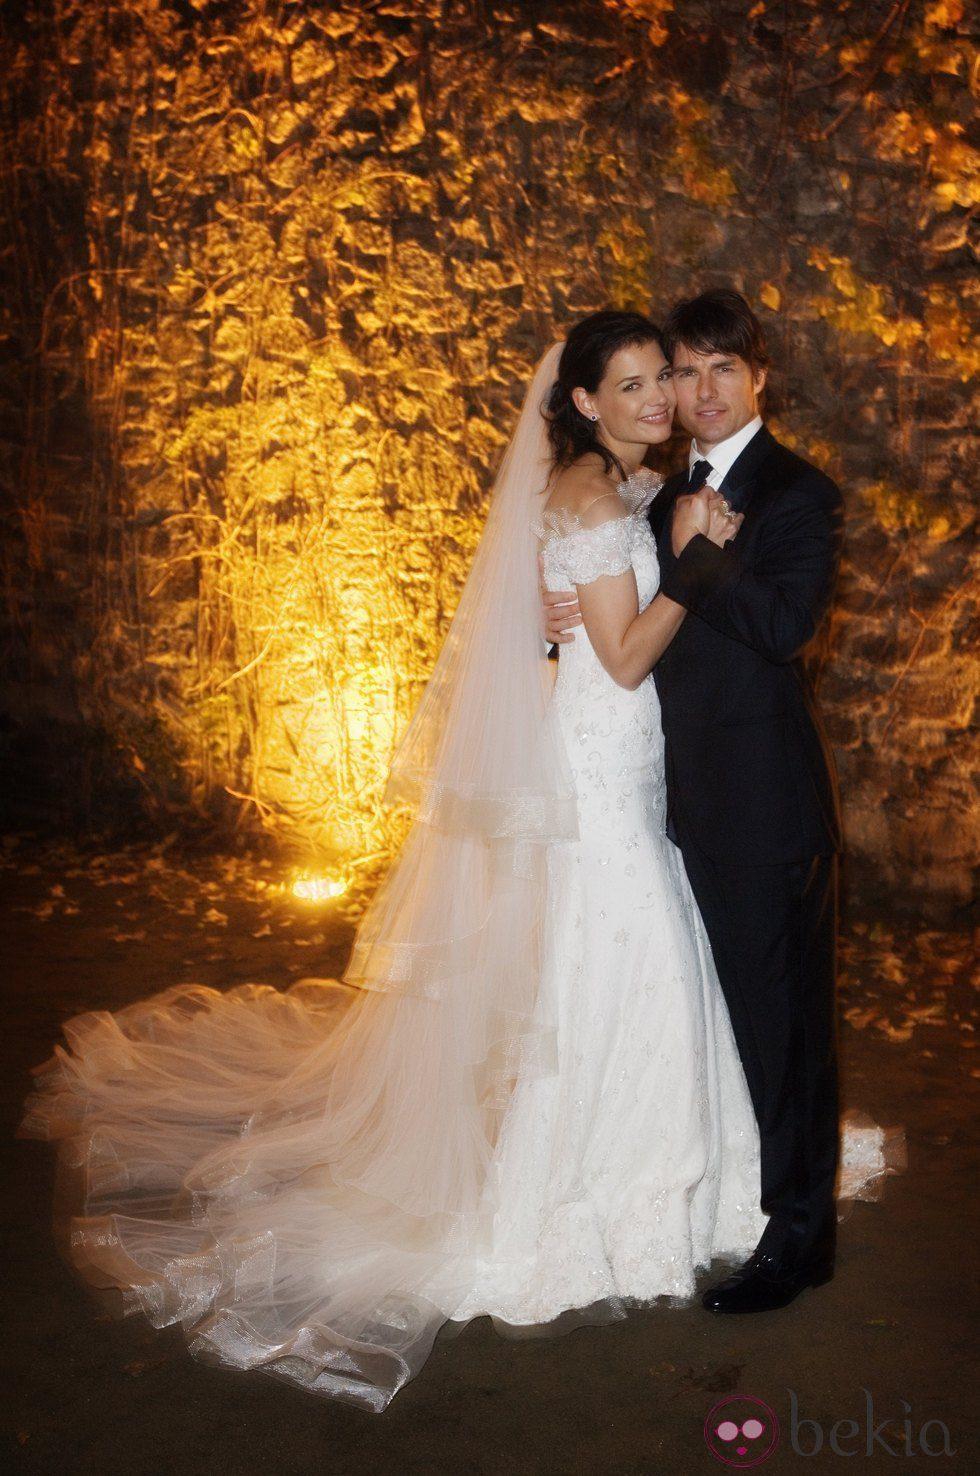 Boda de Tom Cruise y Katie Holmes en el Castello Odescalchi en el 2006